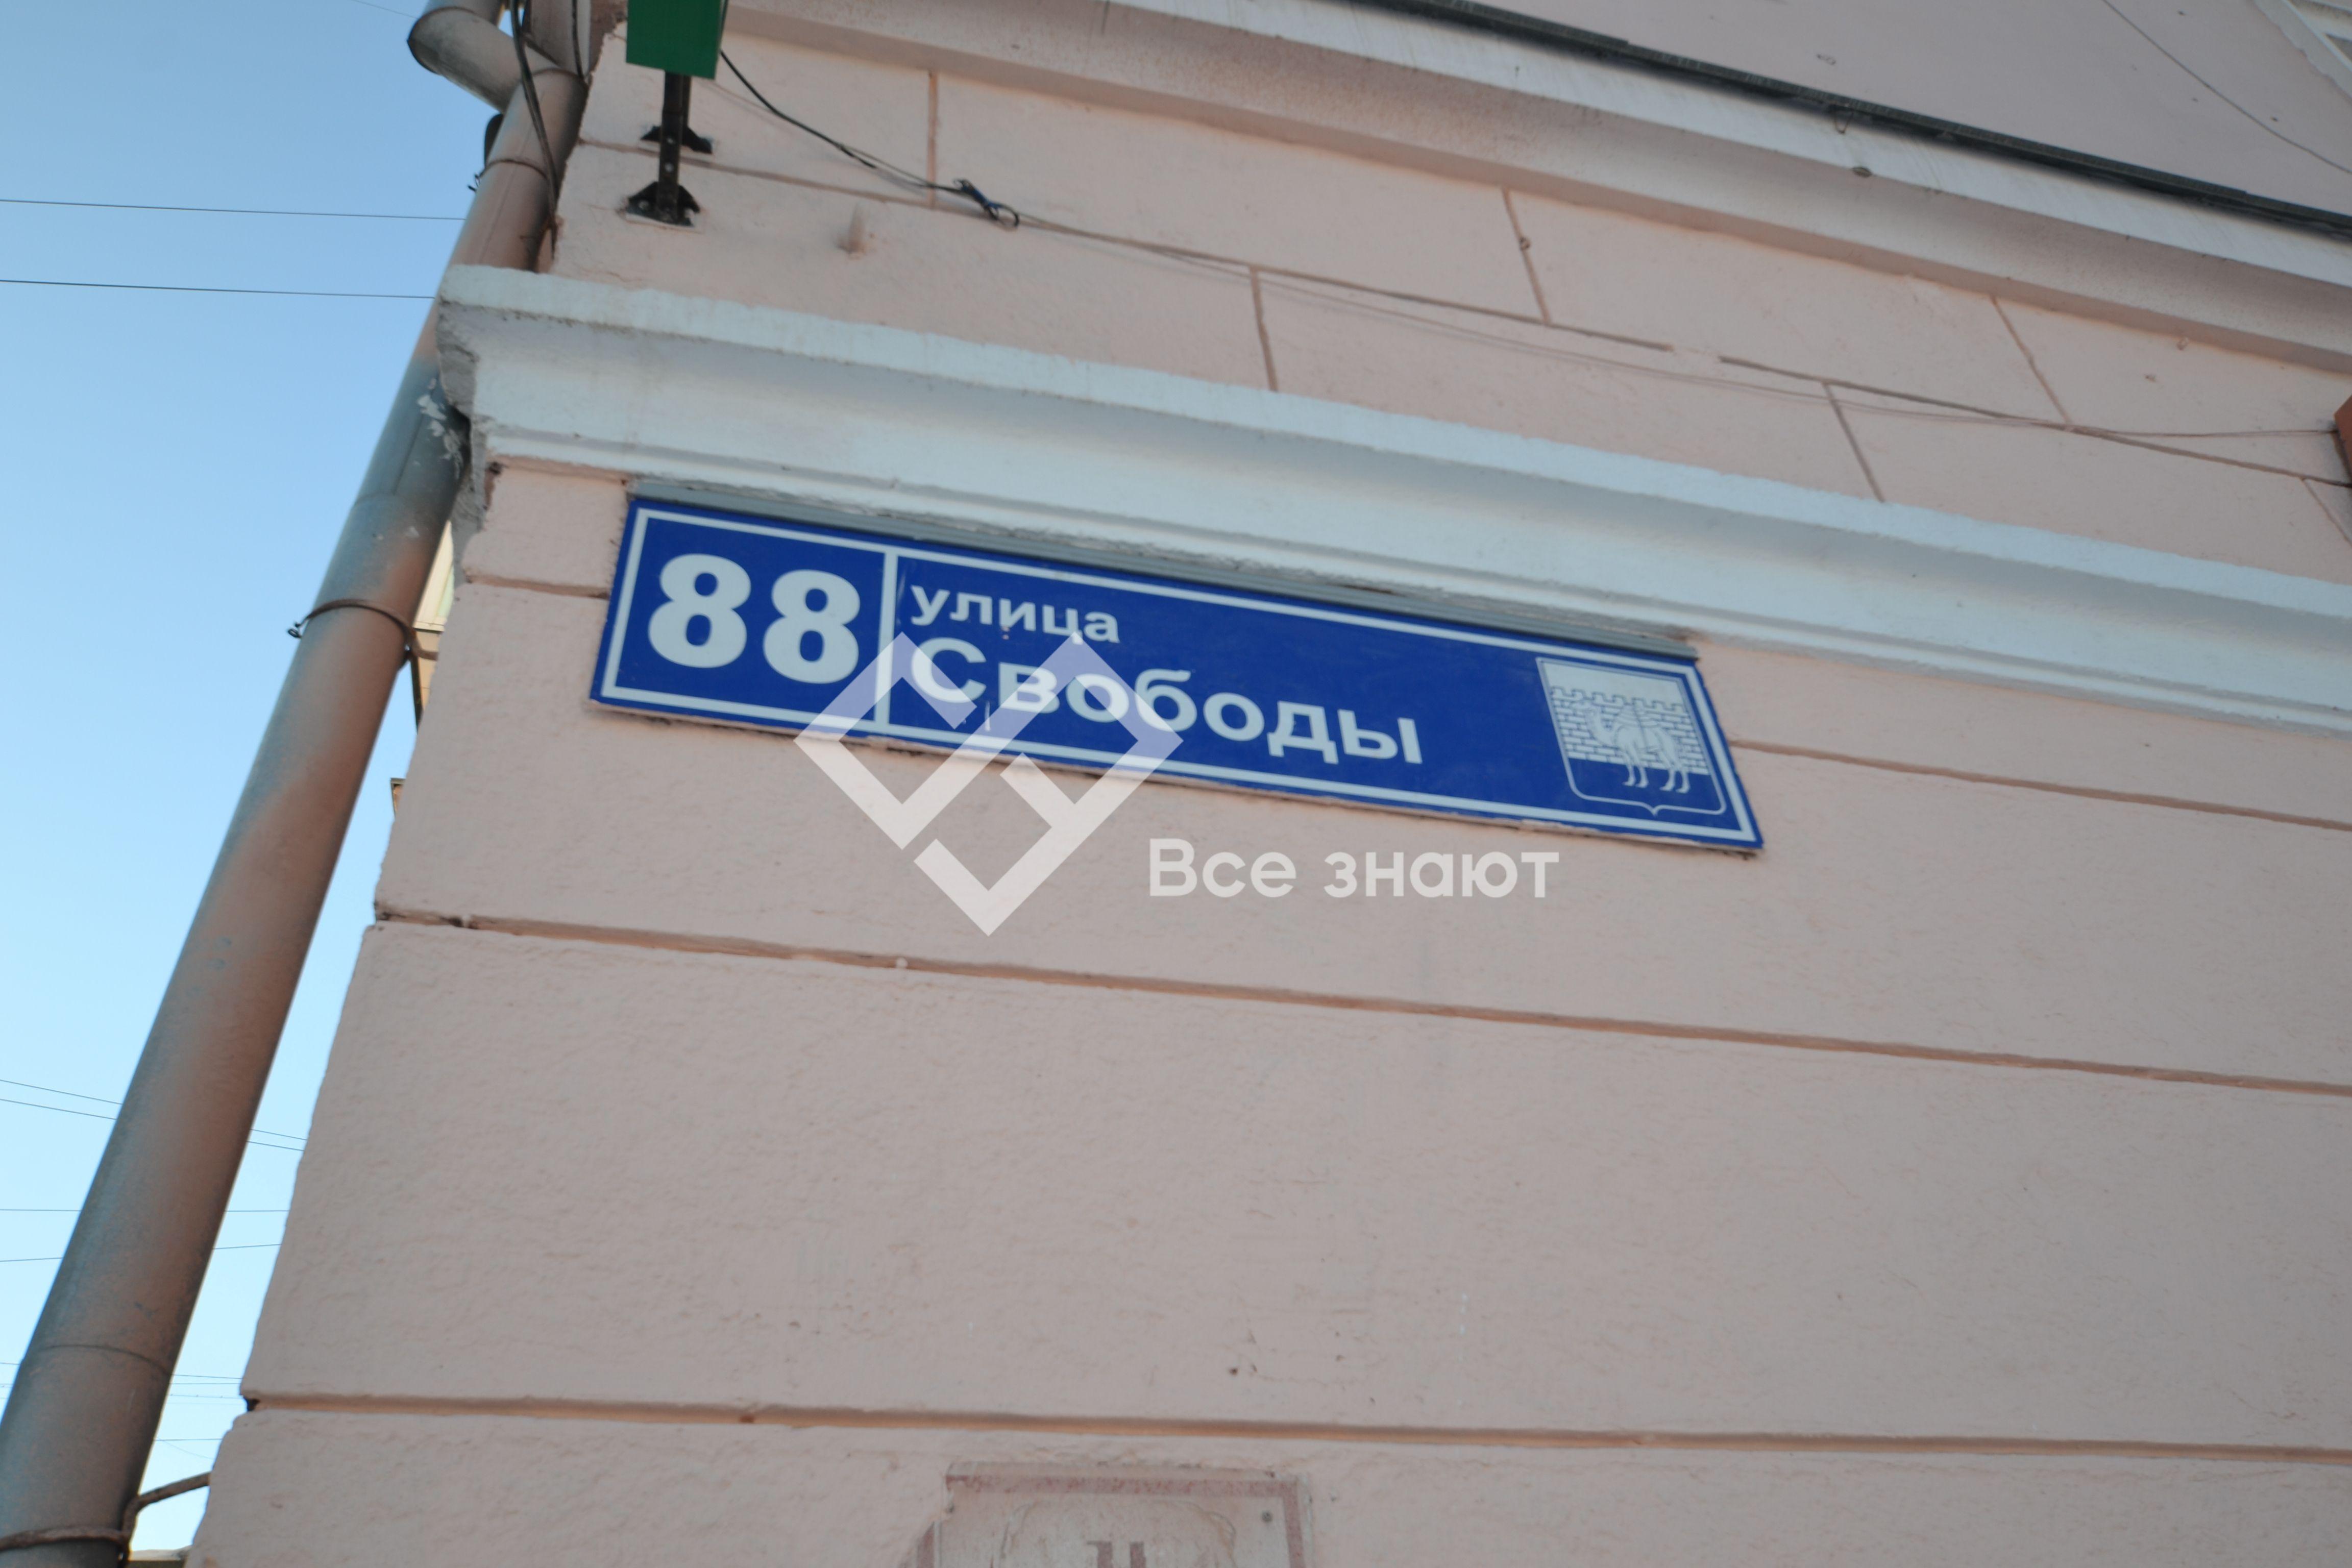 Free Purpose на продажу по адресу Россия, Челябинская область, Челябинск, Свободы ул., д. 88